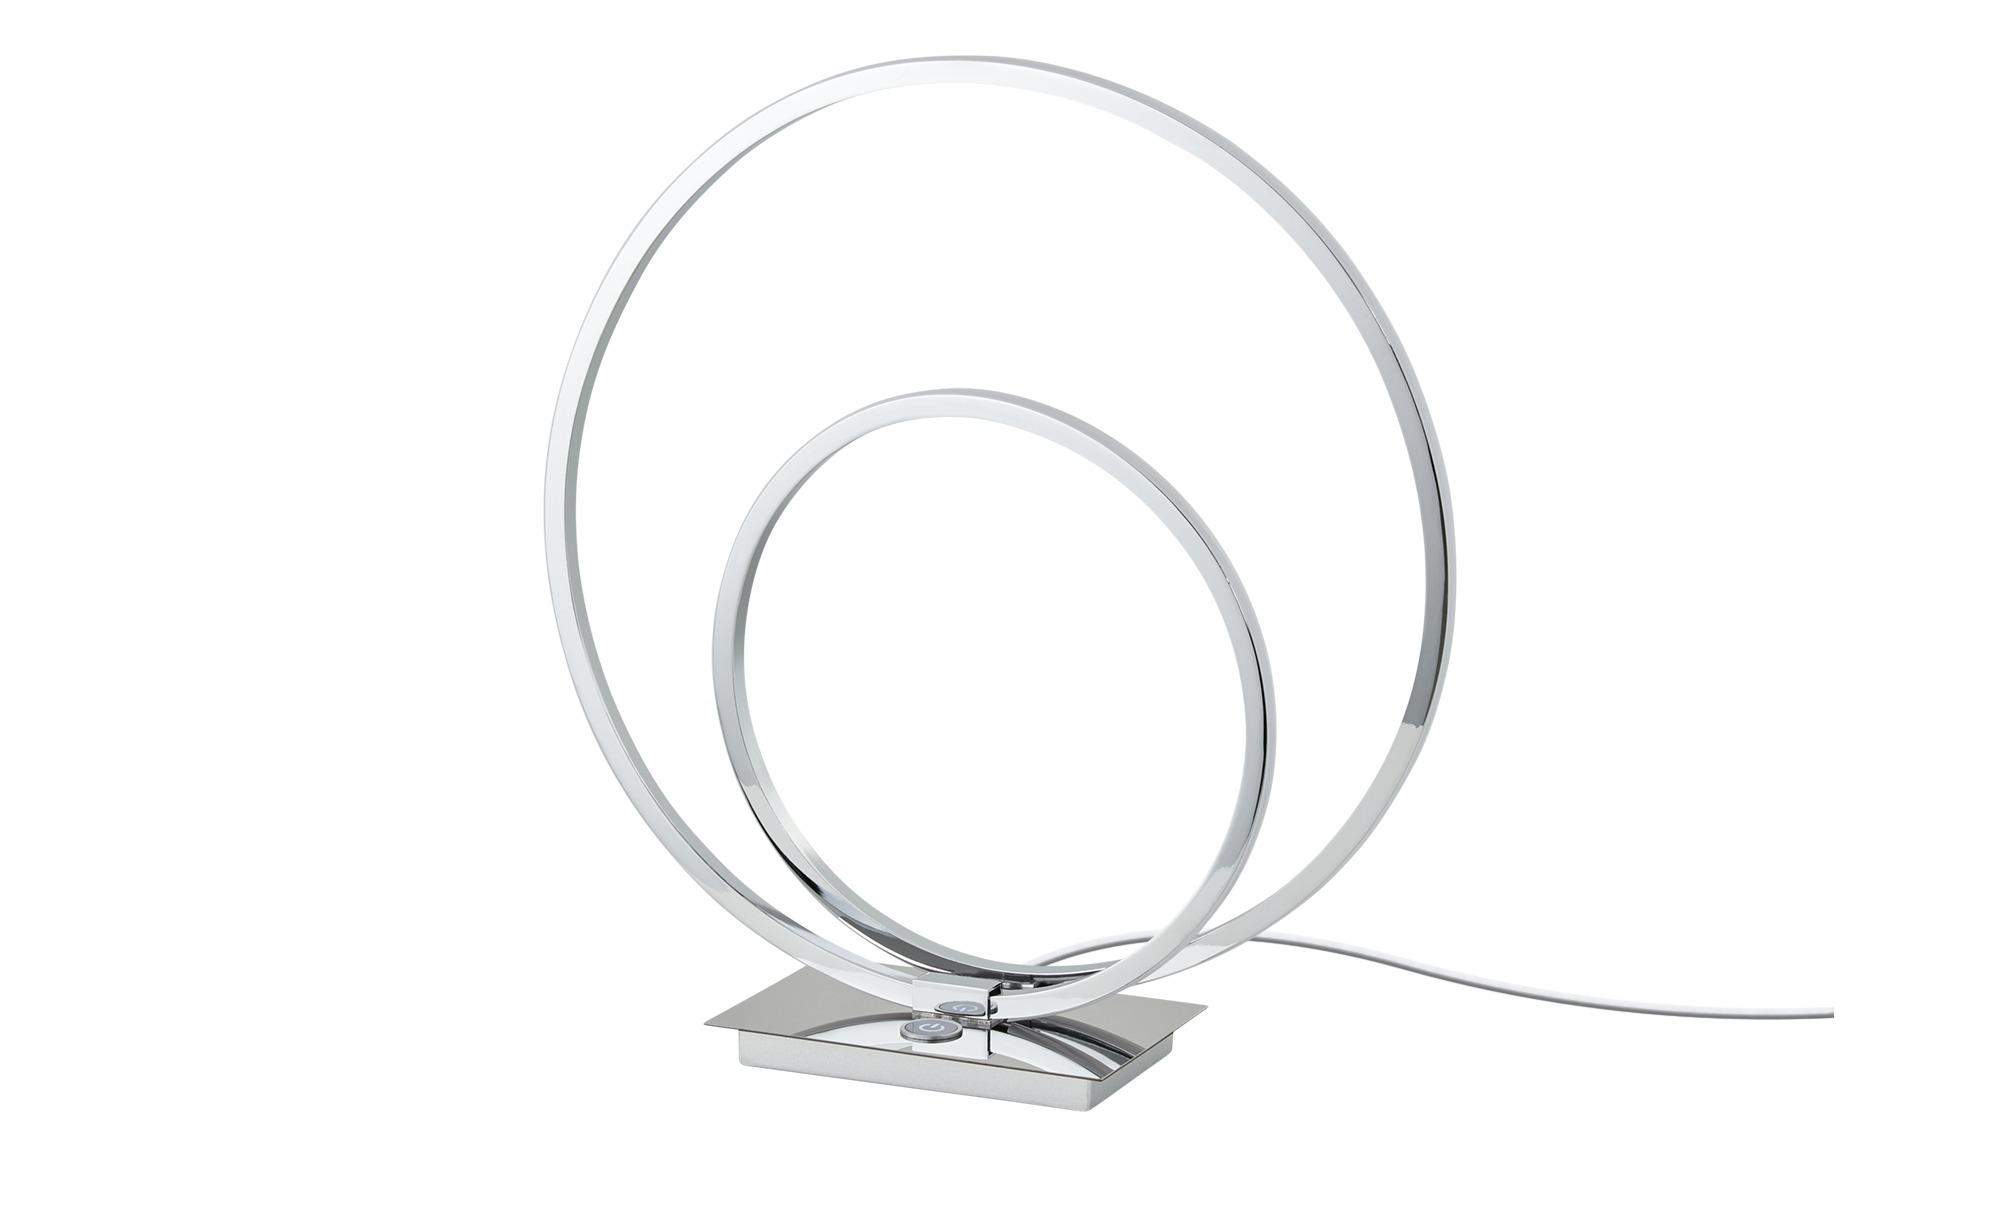 Meisterleuchten LED-Tischleuchte, 1-flammig, Chrom ¦ silber ¦ Maße (cm): B: 10 H: 36,5 Lampen & Leuchten > Innenleuchten > Tischlampen - Höffner